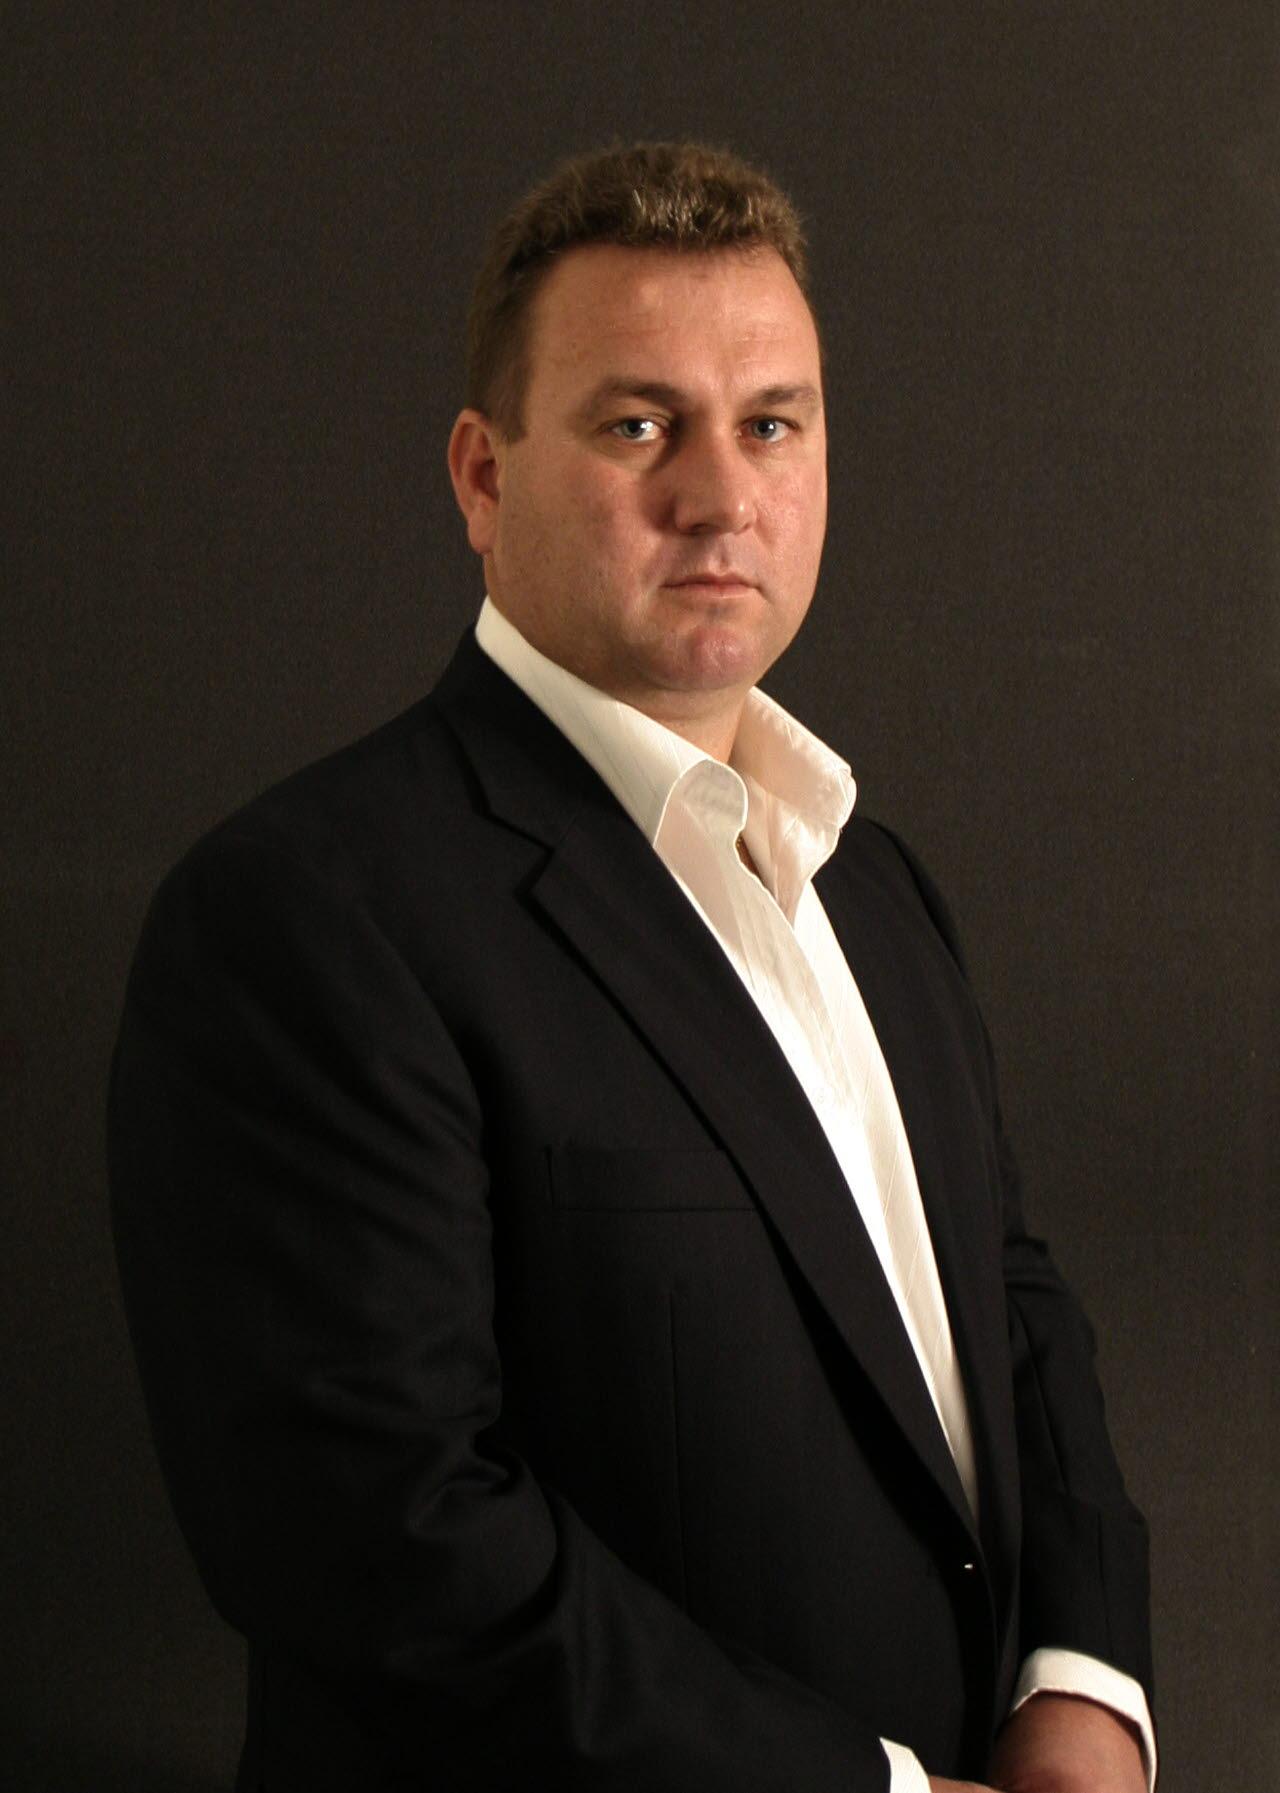 Paul Laycock